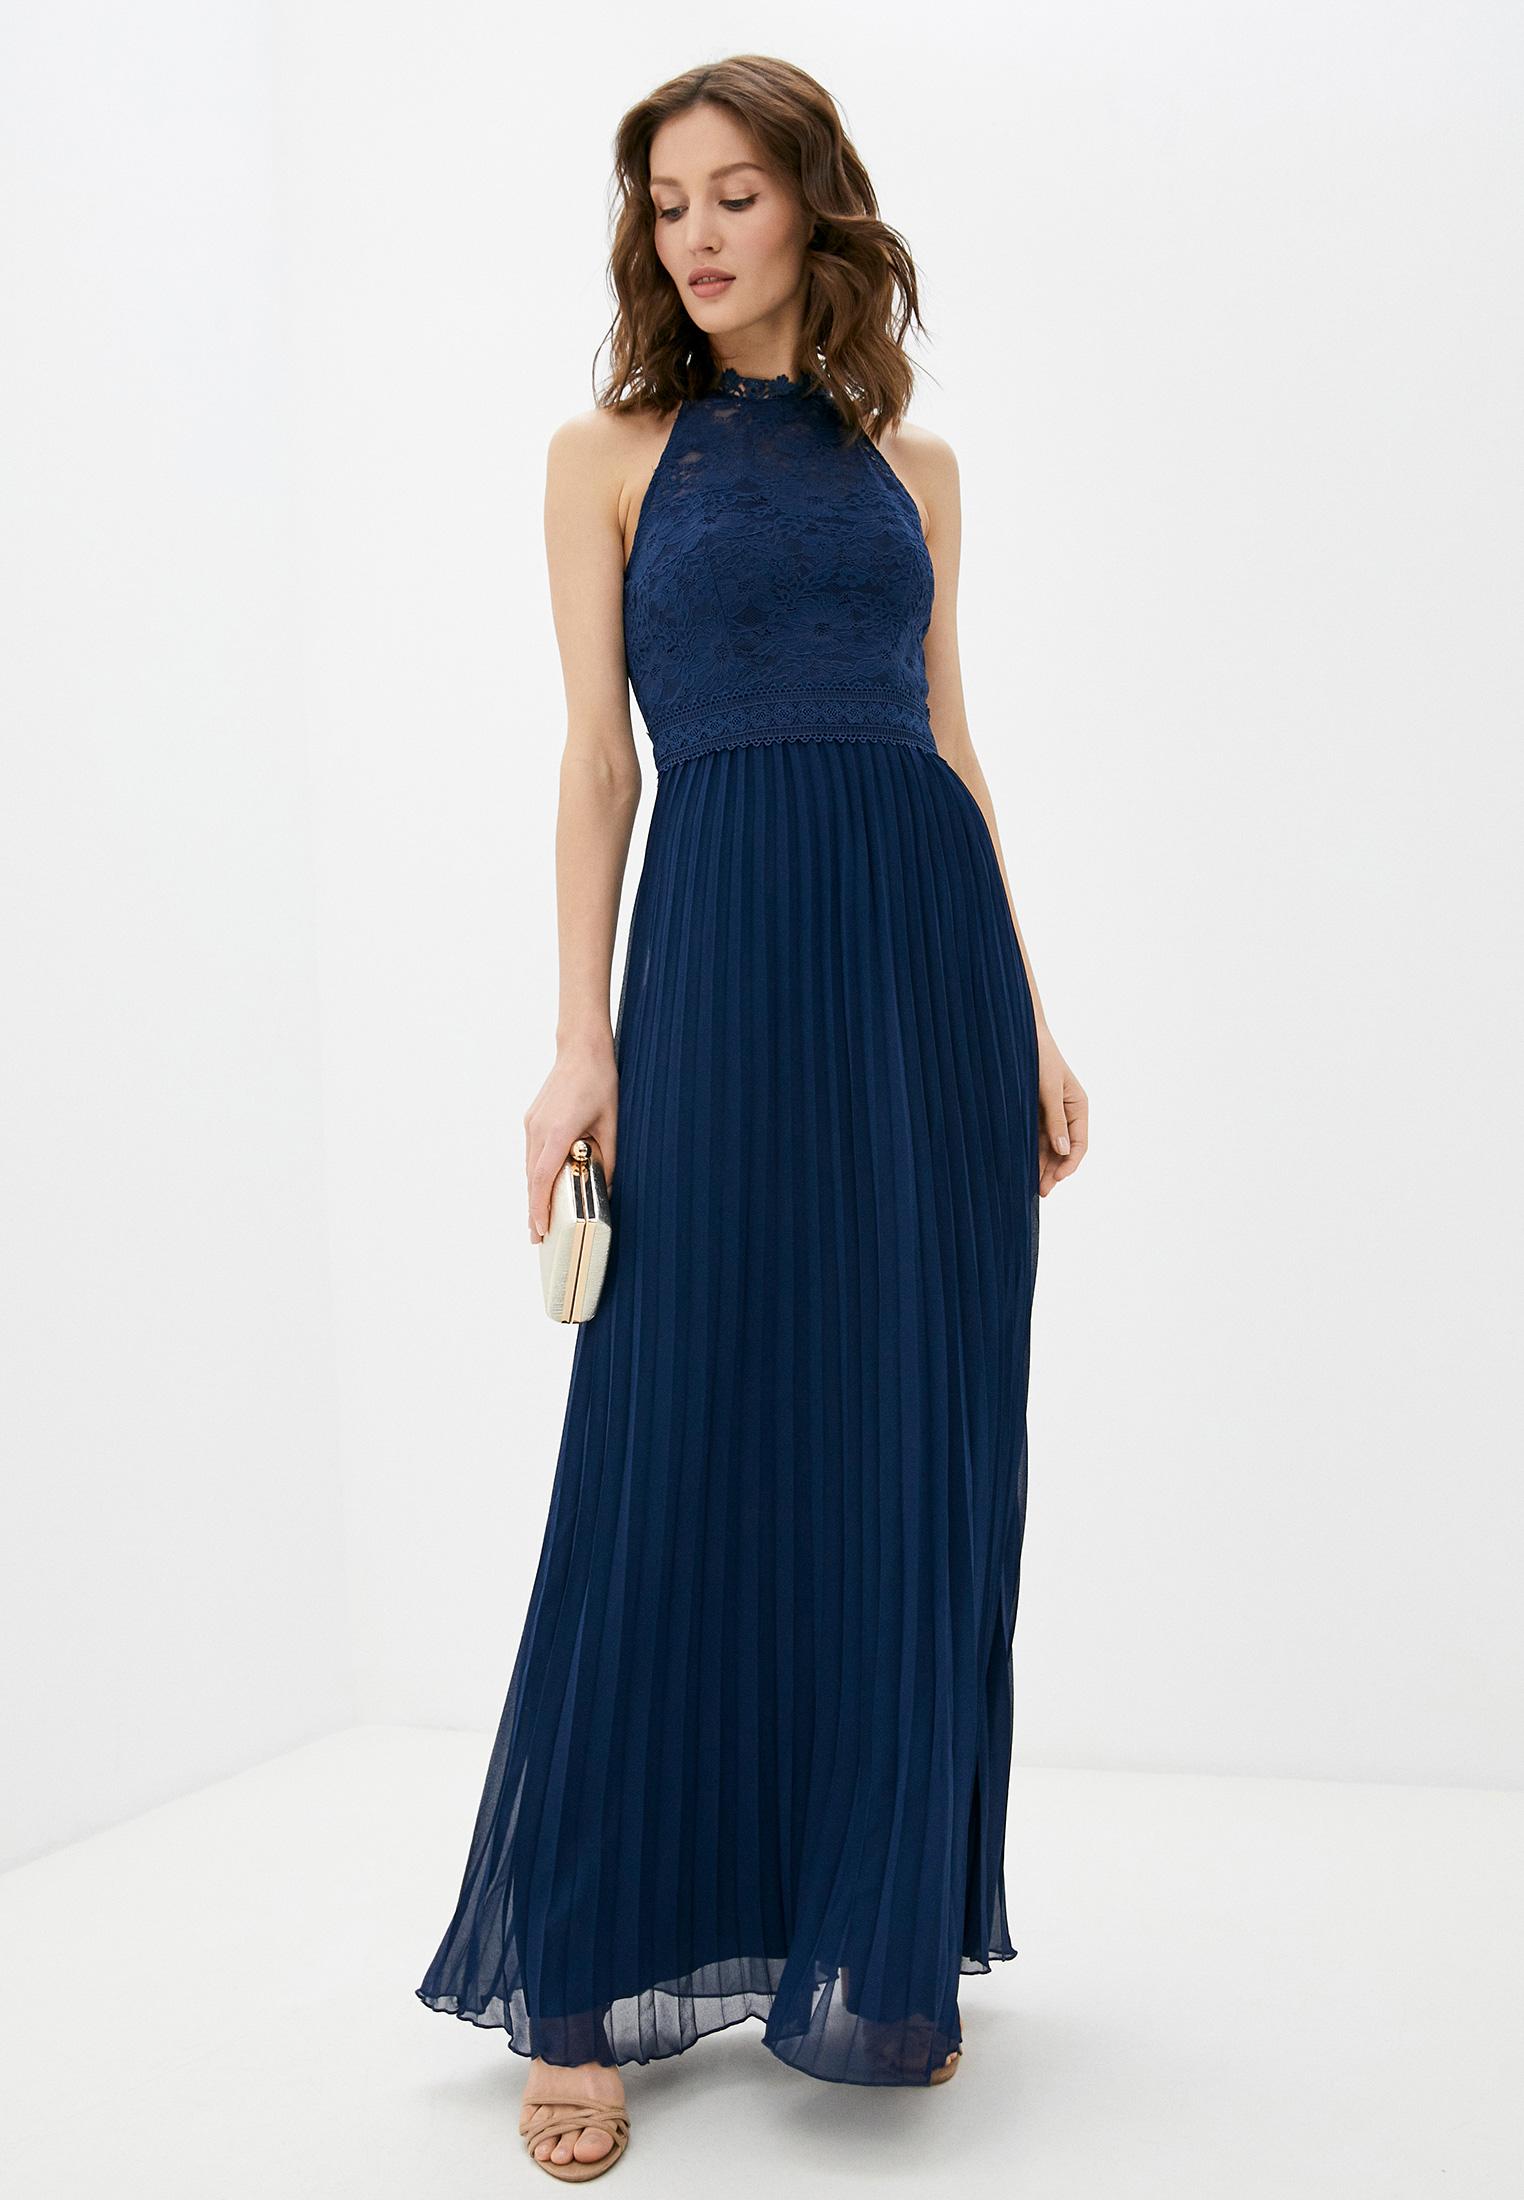 Вечернее / коктейльное платье Chi Chi London 52817NB